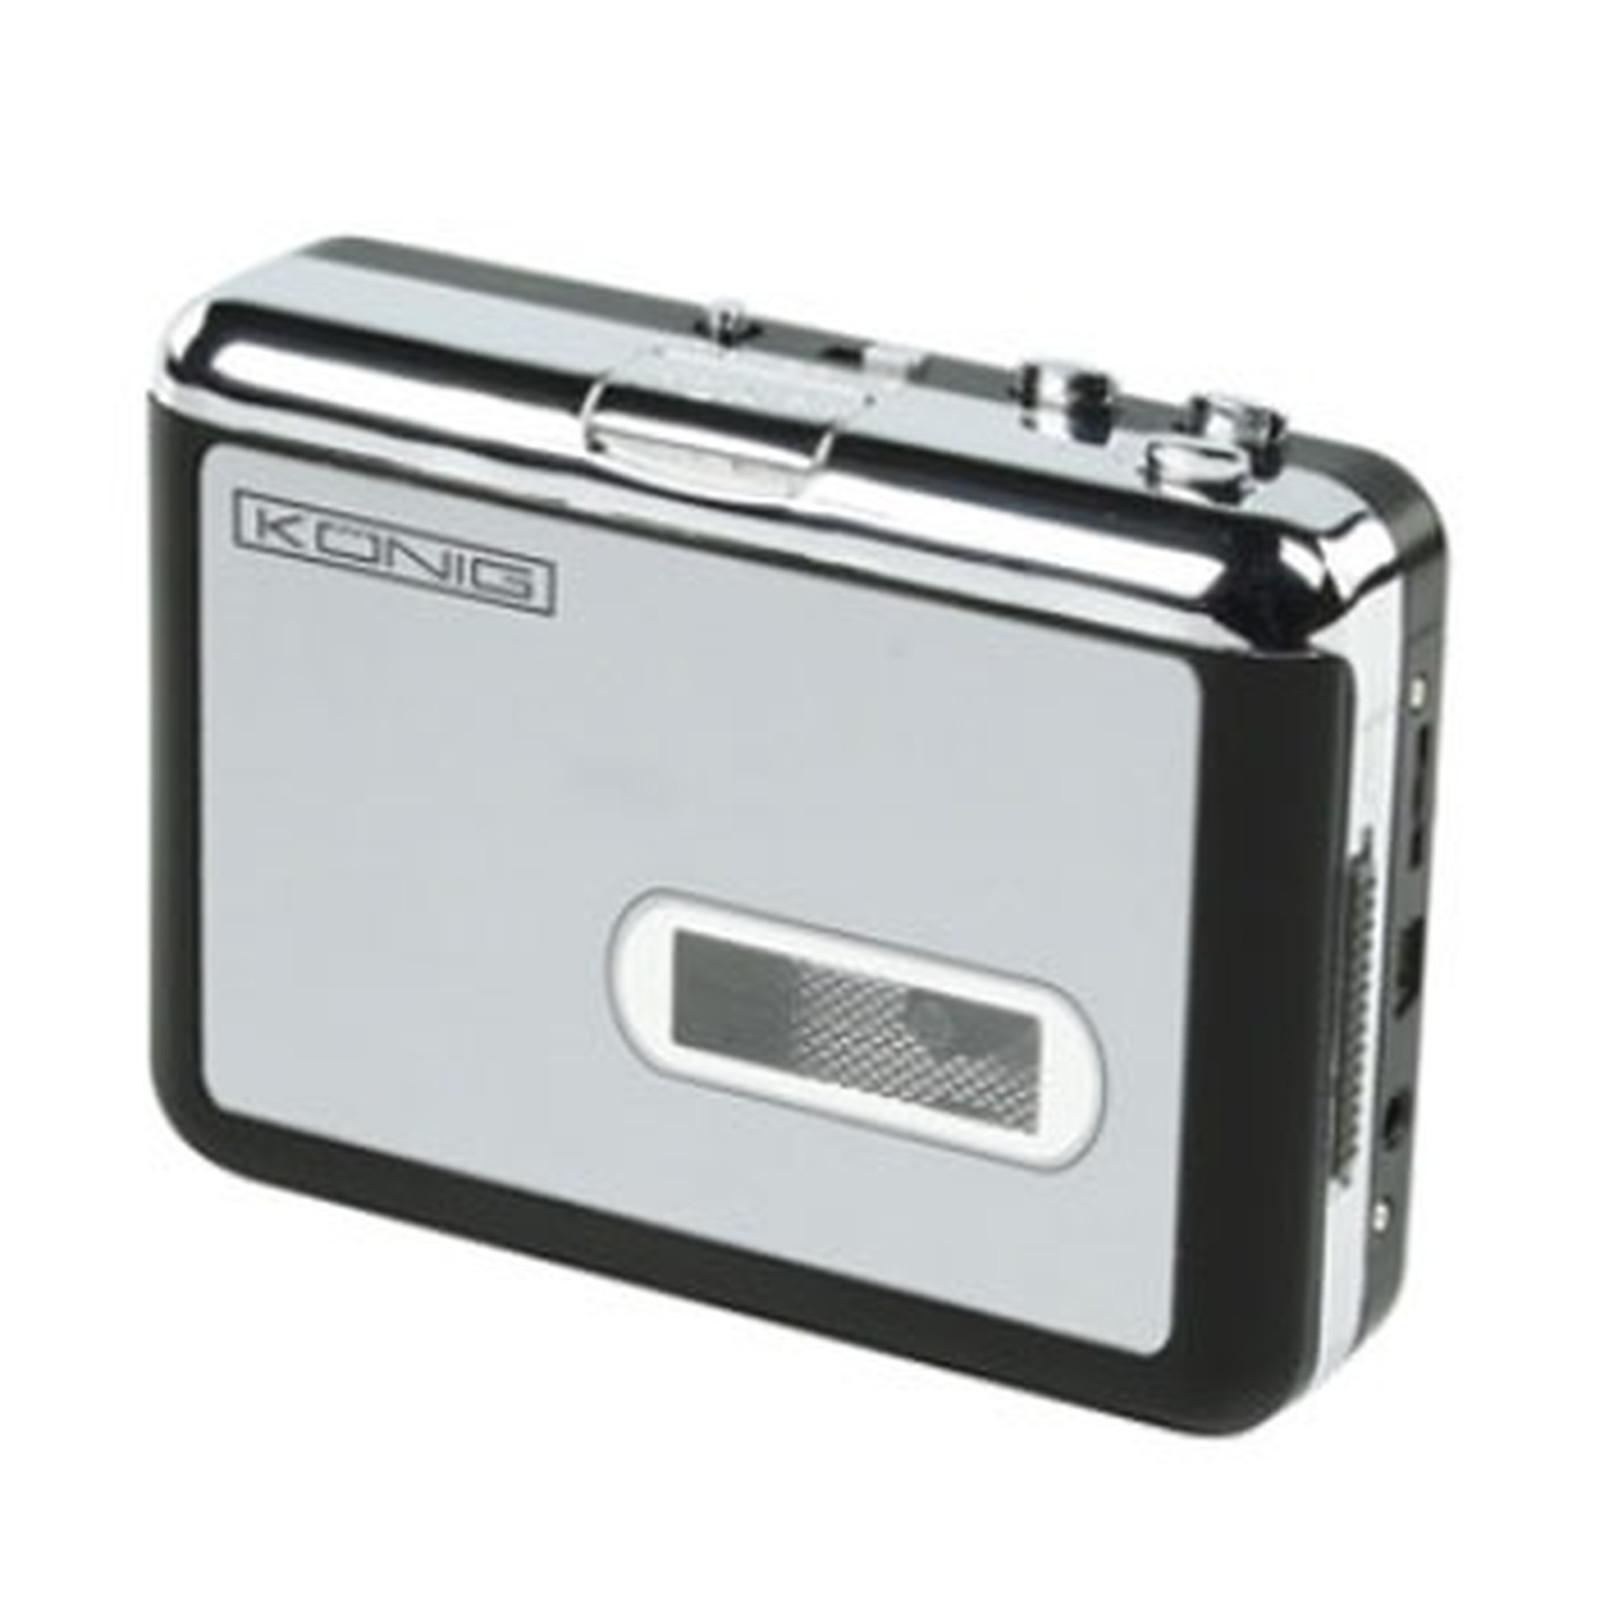 König USB Cassette Player